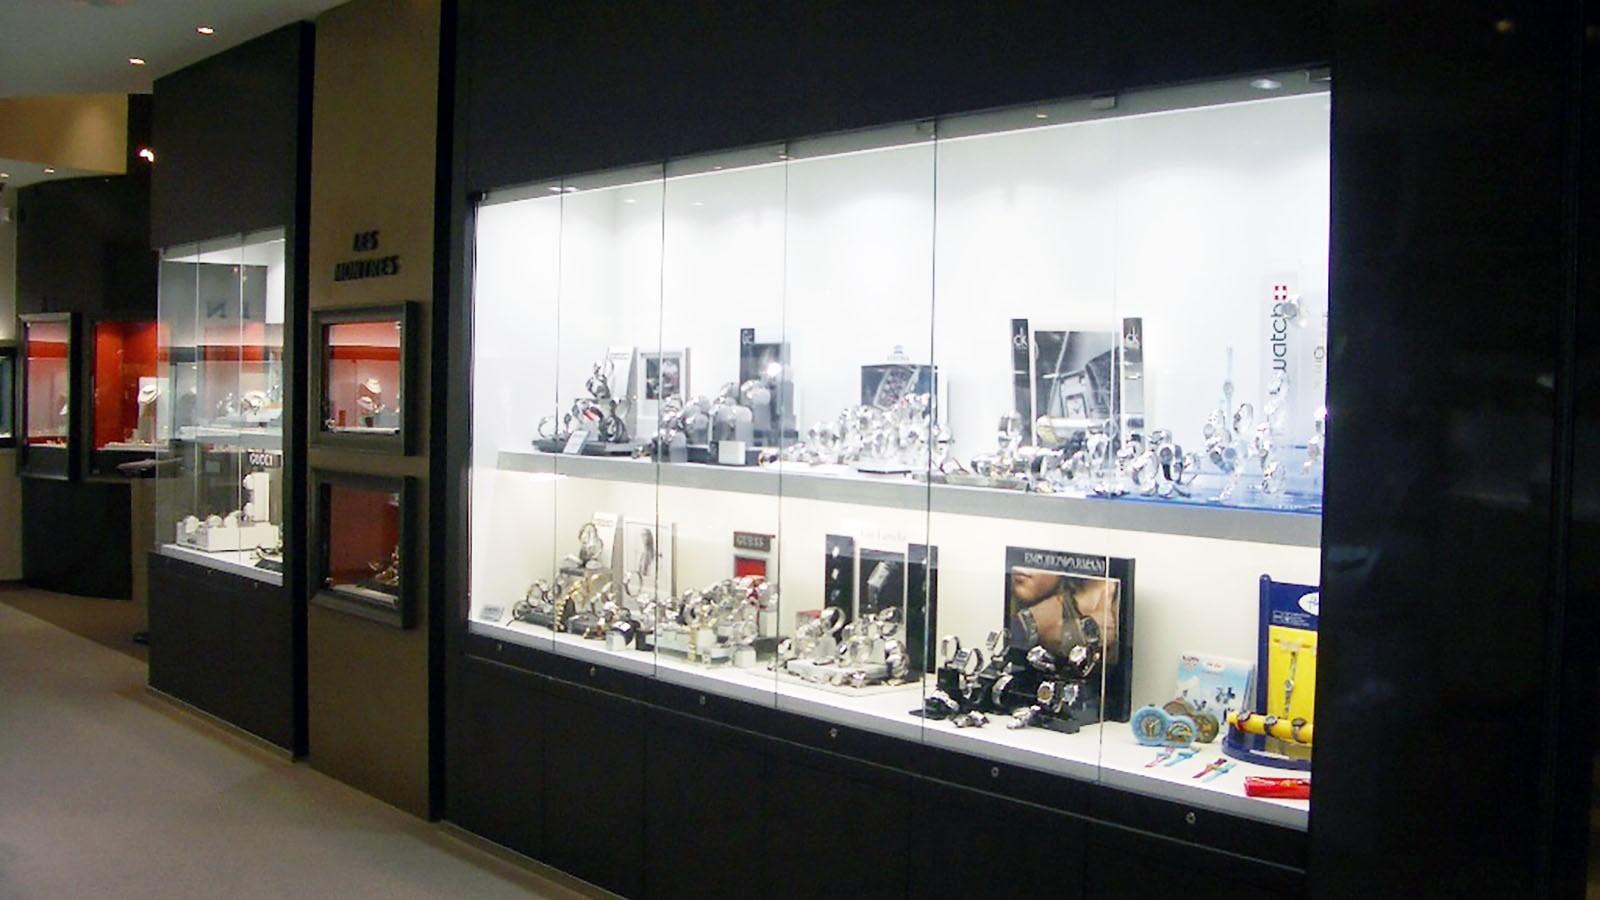 Bijouterie Langevin Perrier Rennes Efi Design (1)